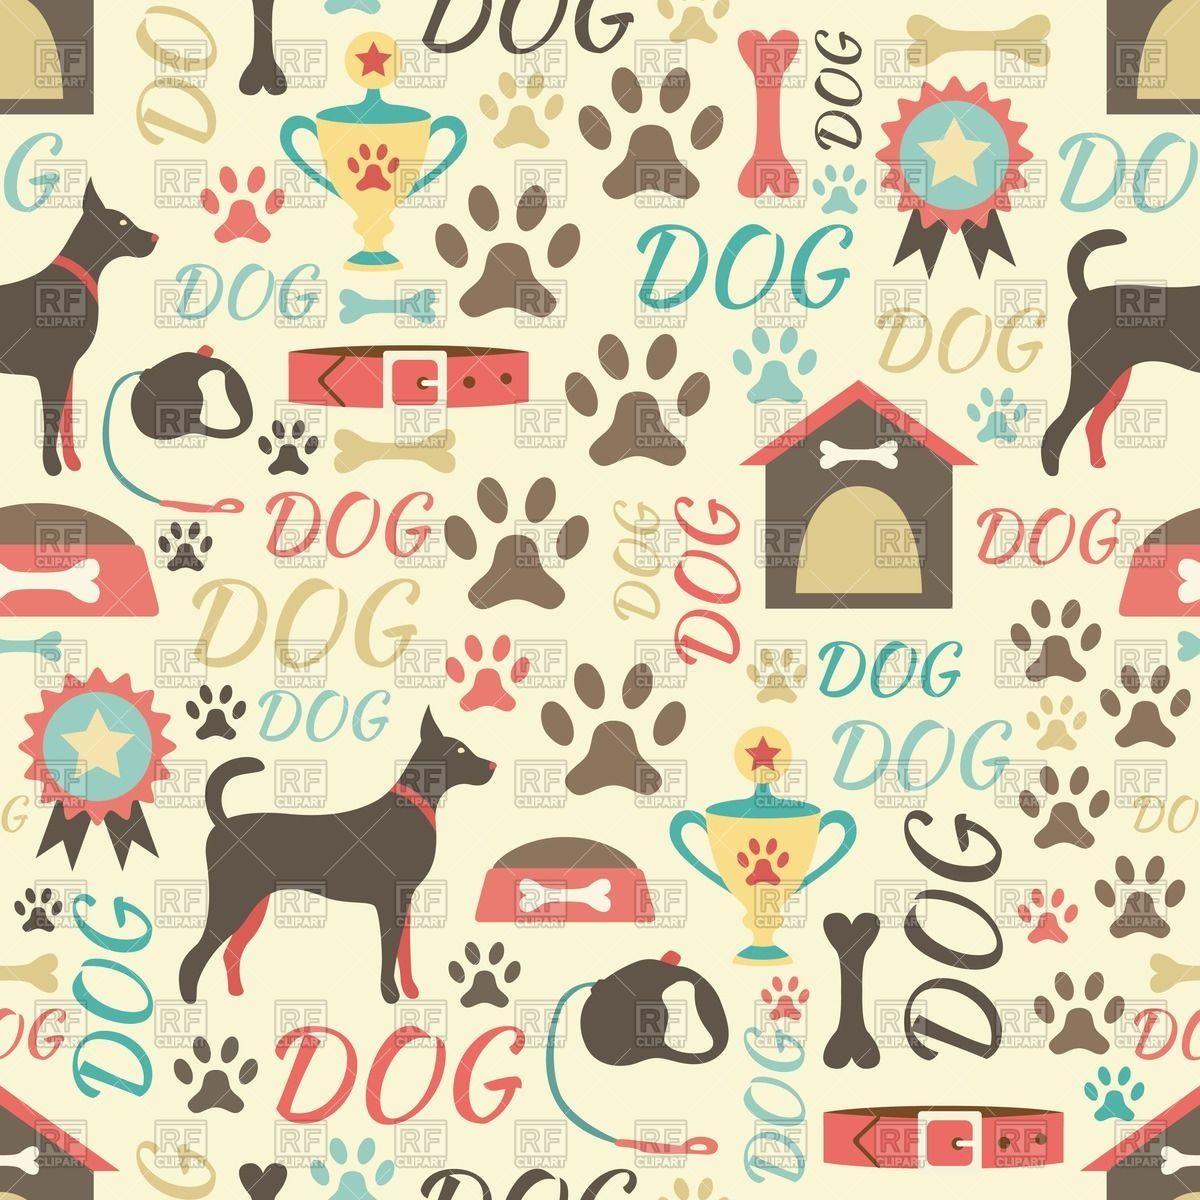 Dog Paws Wallpaper WallpaperSafari Paw wallpaper, Dog